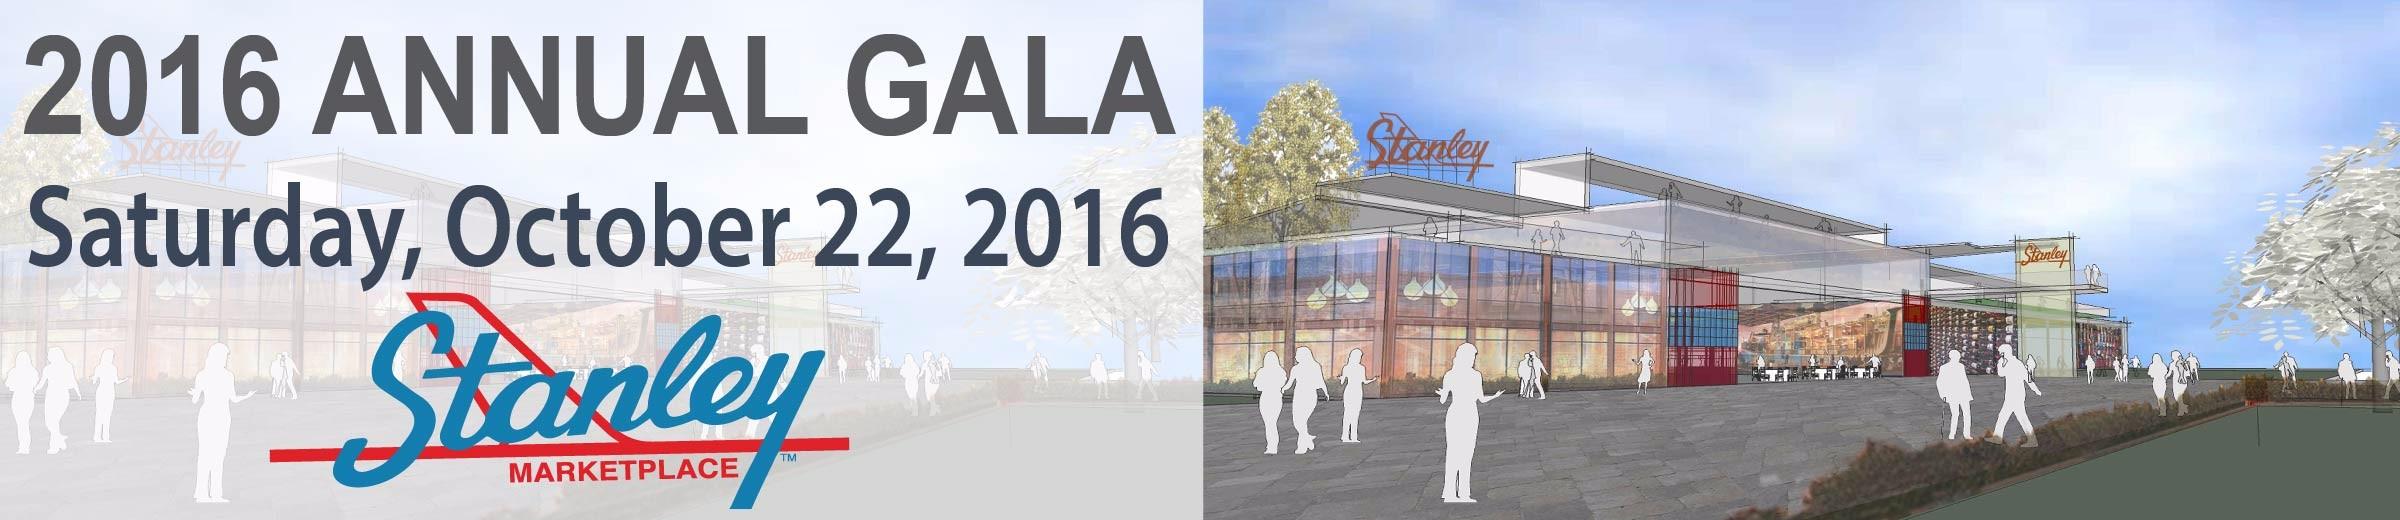 2016 Gala Web Assett-01